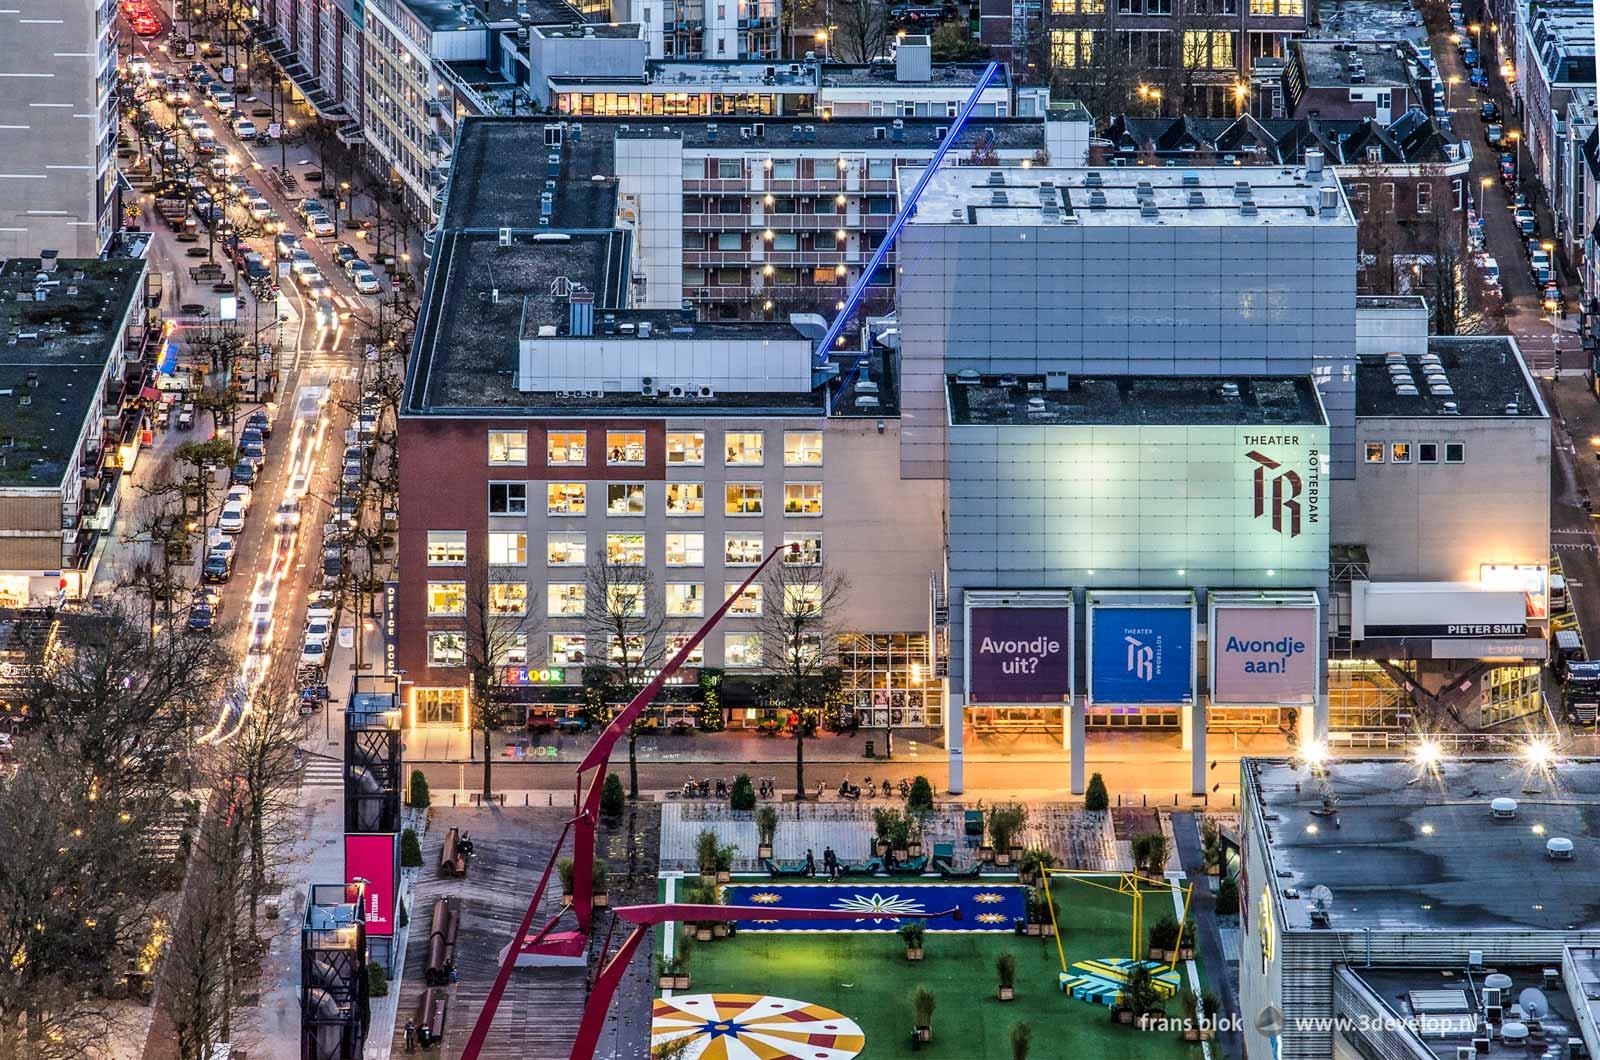 Evening photo of Rotterdamse Schouwburg, Karel Doormanstraat and Schouwburgplein, seen from the Delftse Poort building